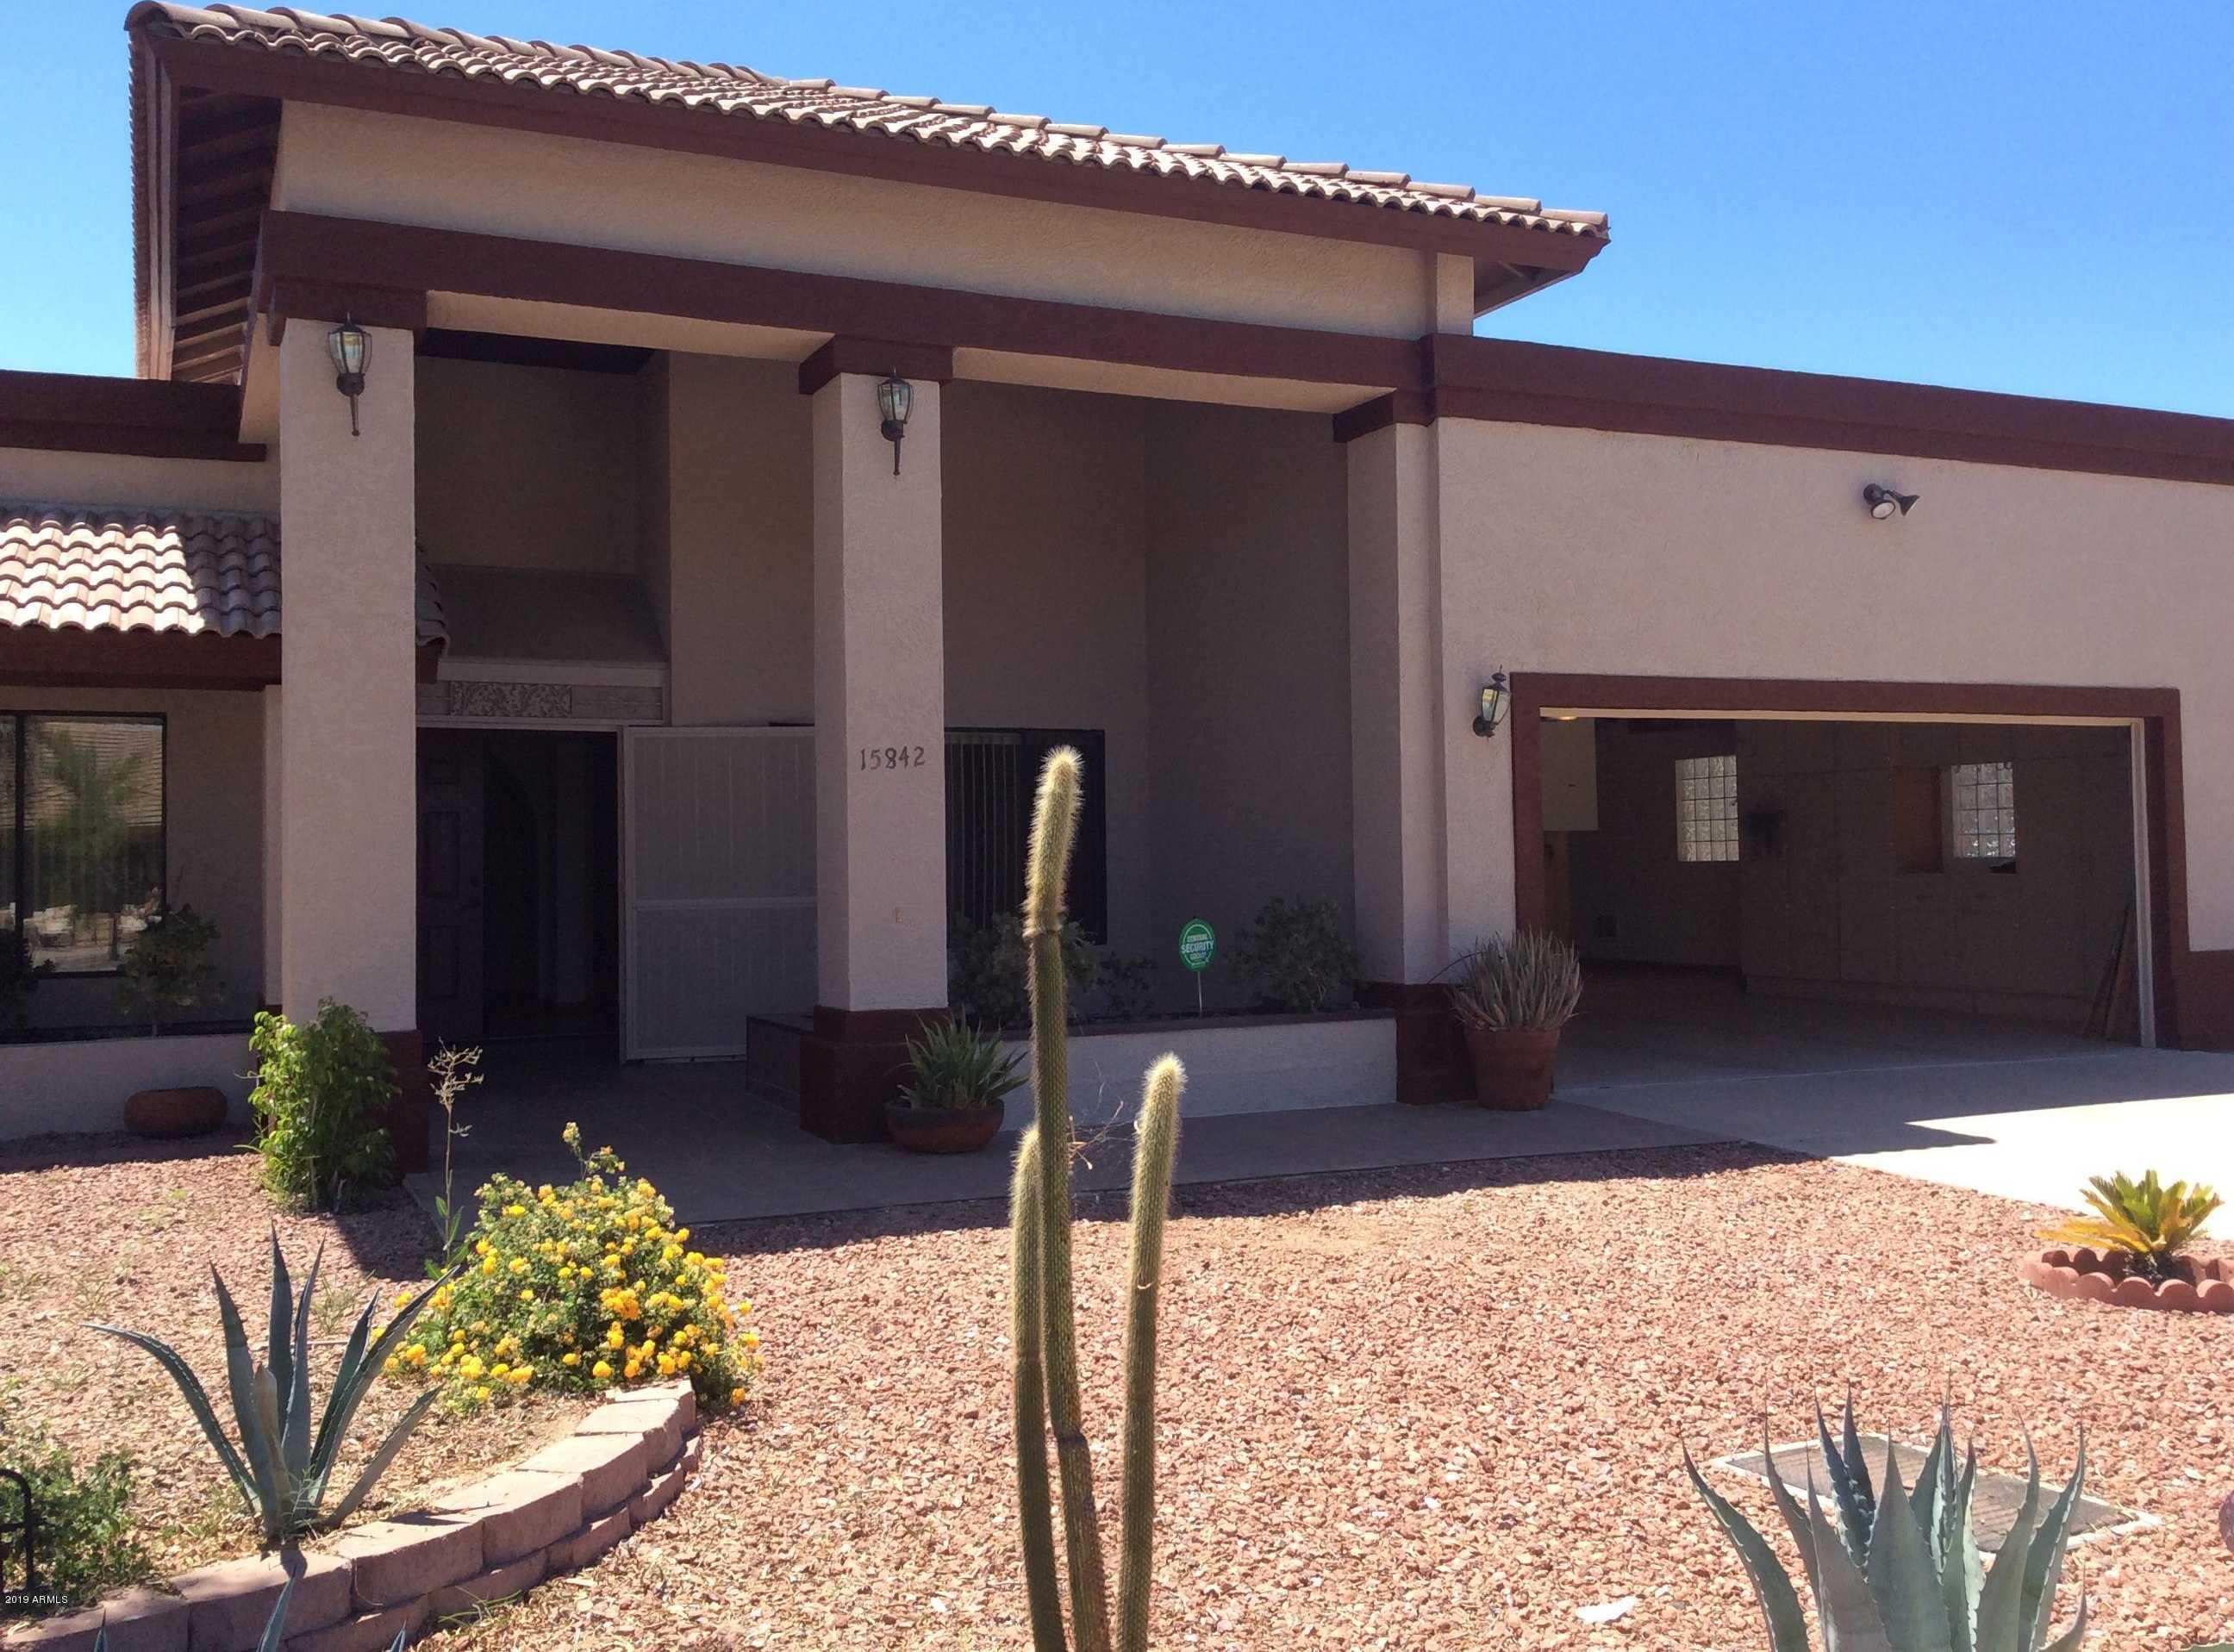 $389,900 - 3Br/2Ba - Home for Sale in Desert Garden Manor Lot 1-9, Glendale